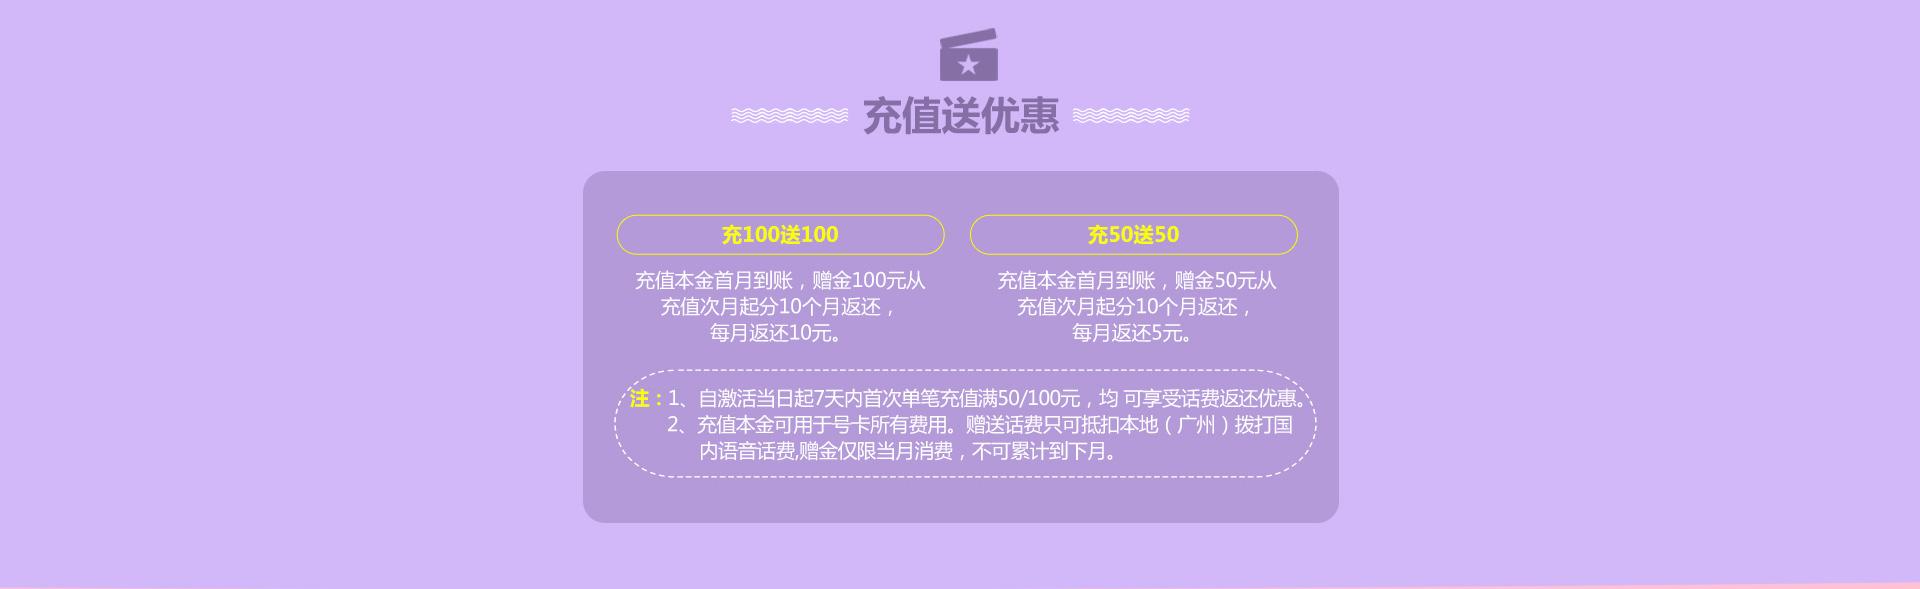 广东电信流量卡